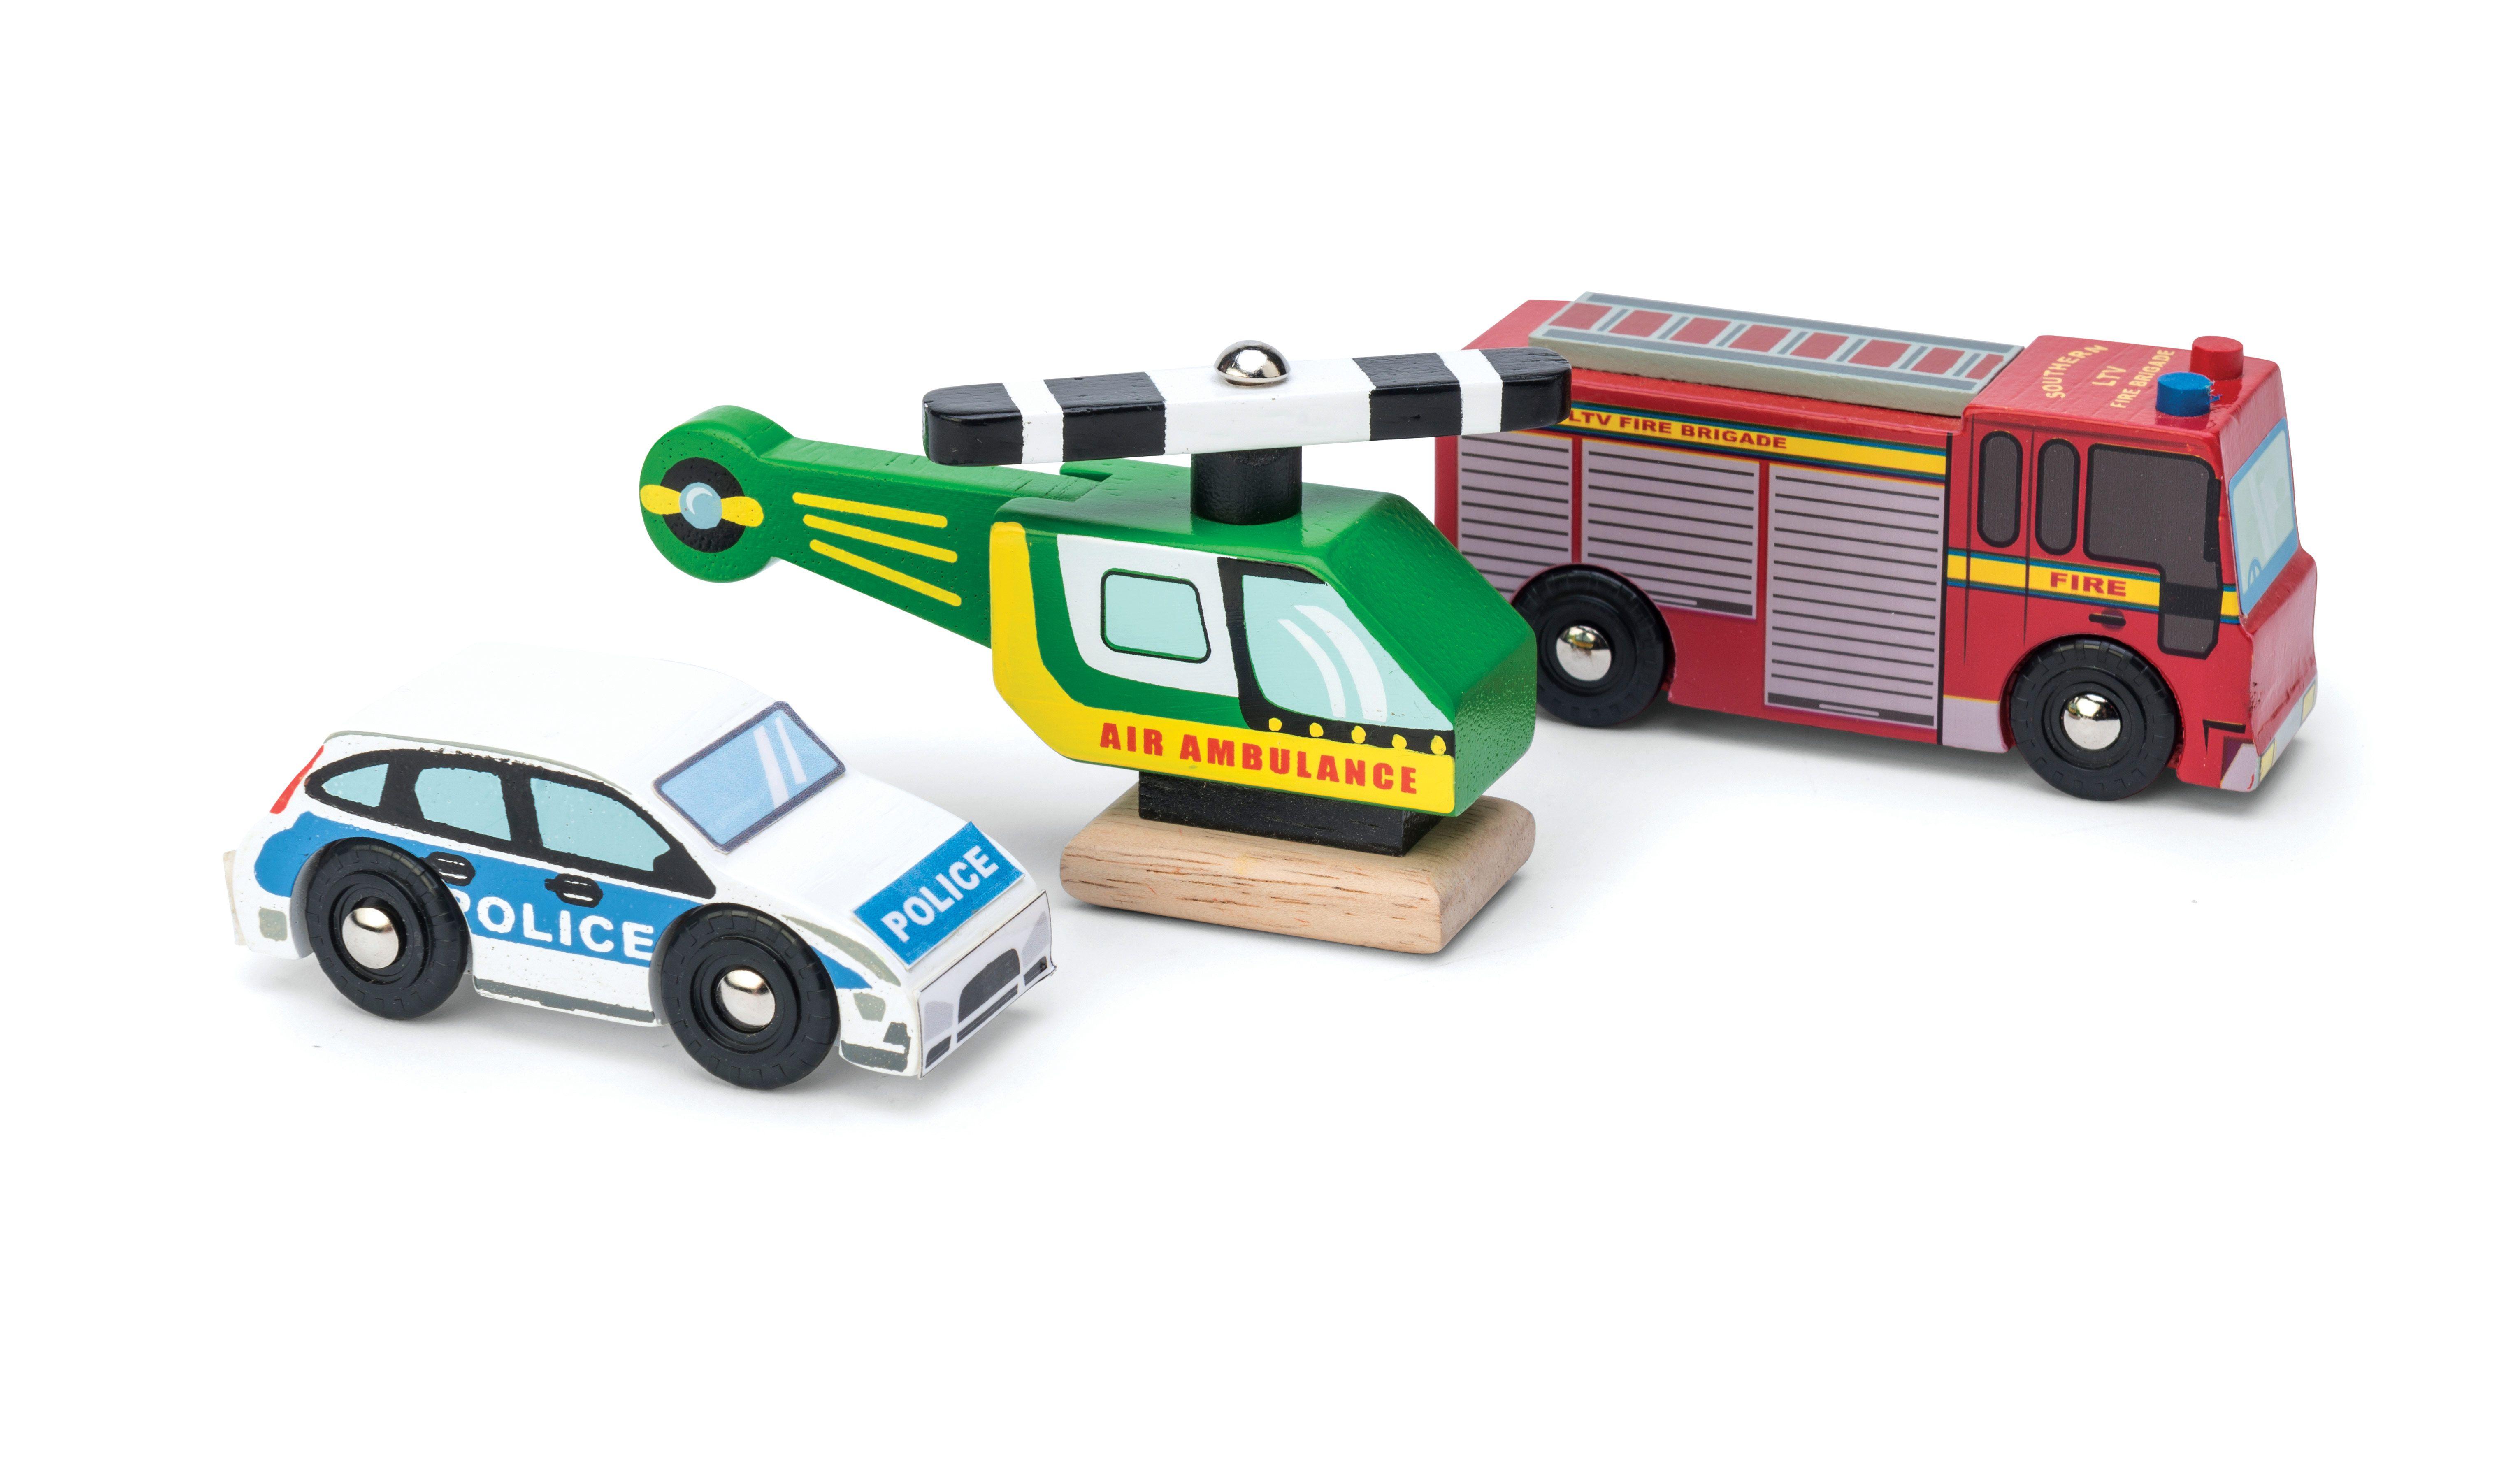 Emergency Vehicle Set | Emergency vehicles, Toys, Toddler gifts